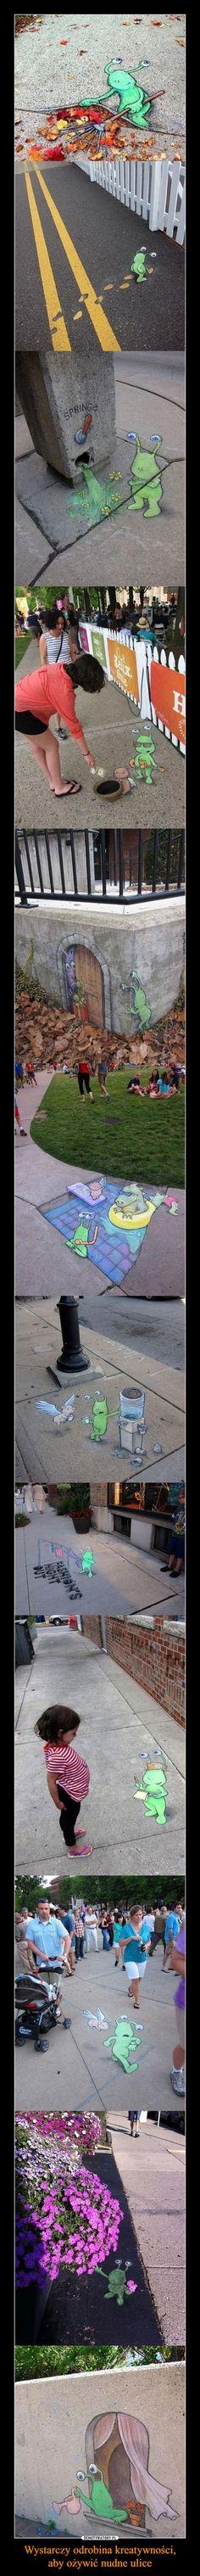 Wystarczy odrobina kreatywności, aby ożywić nudne ulice